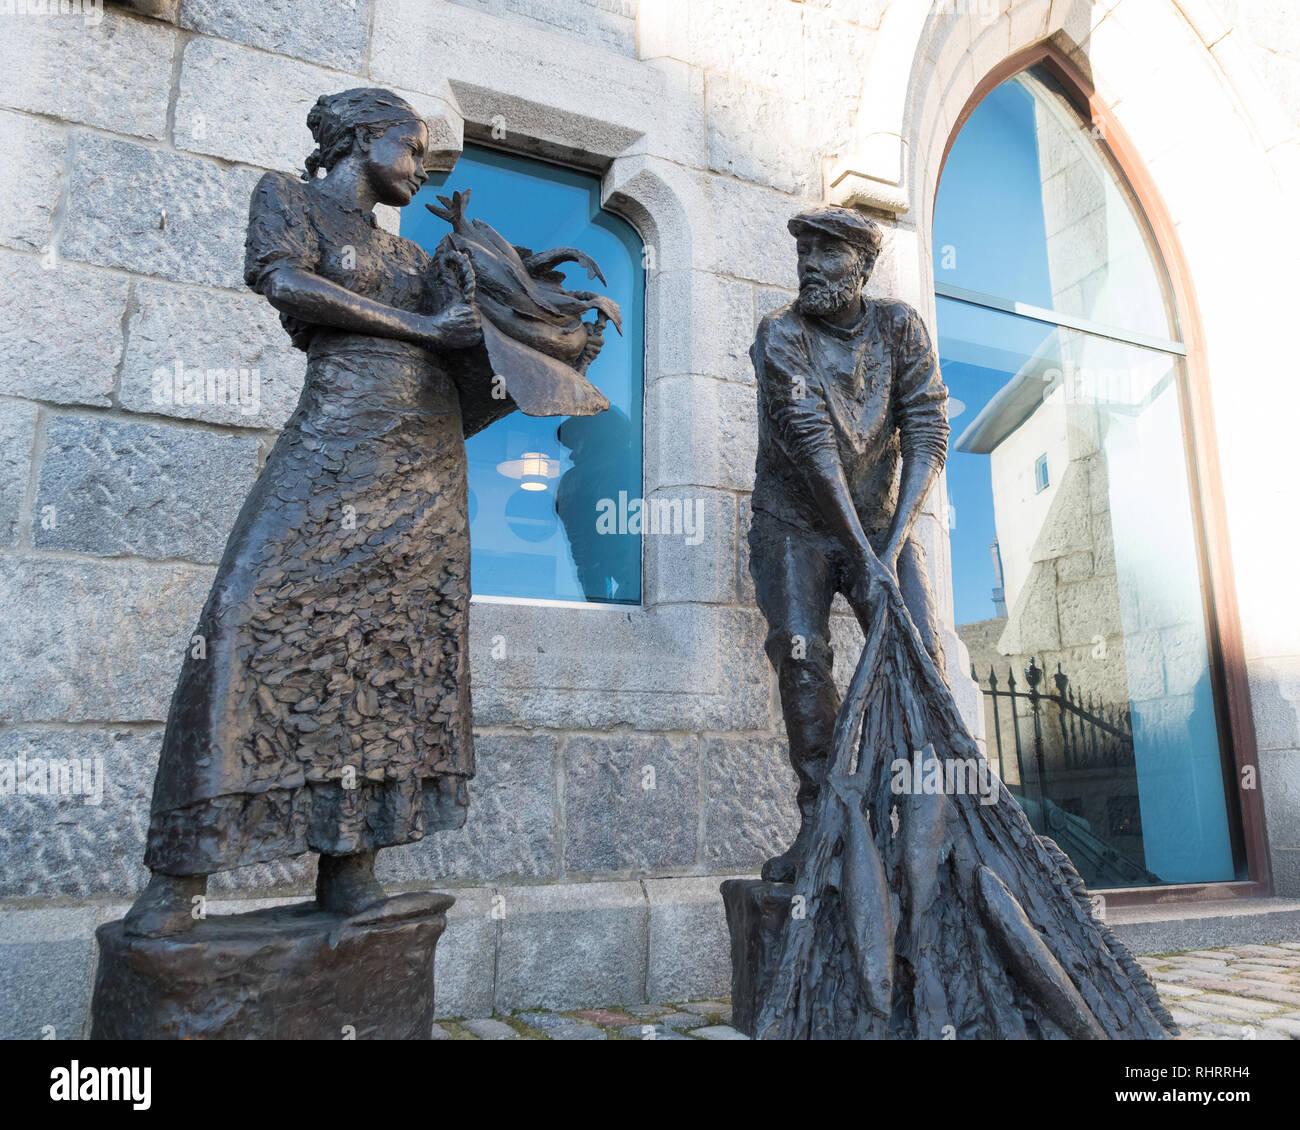 L'industrie de la pêche d'Aberdeen en dehors de la memorial Musée Maritime, Shiprow, Aberdeen, Écosse, Royaume-Uni Photo Stock